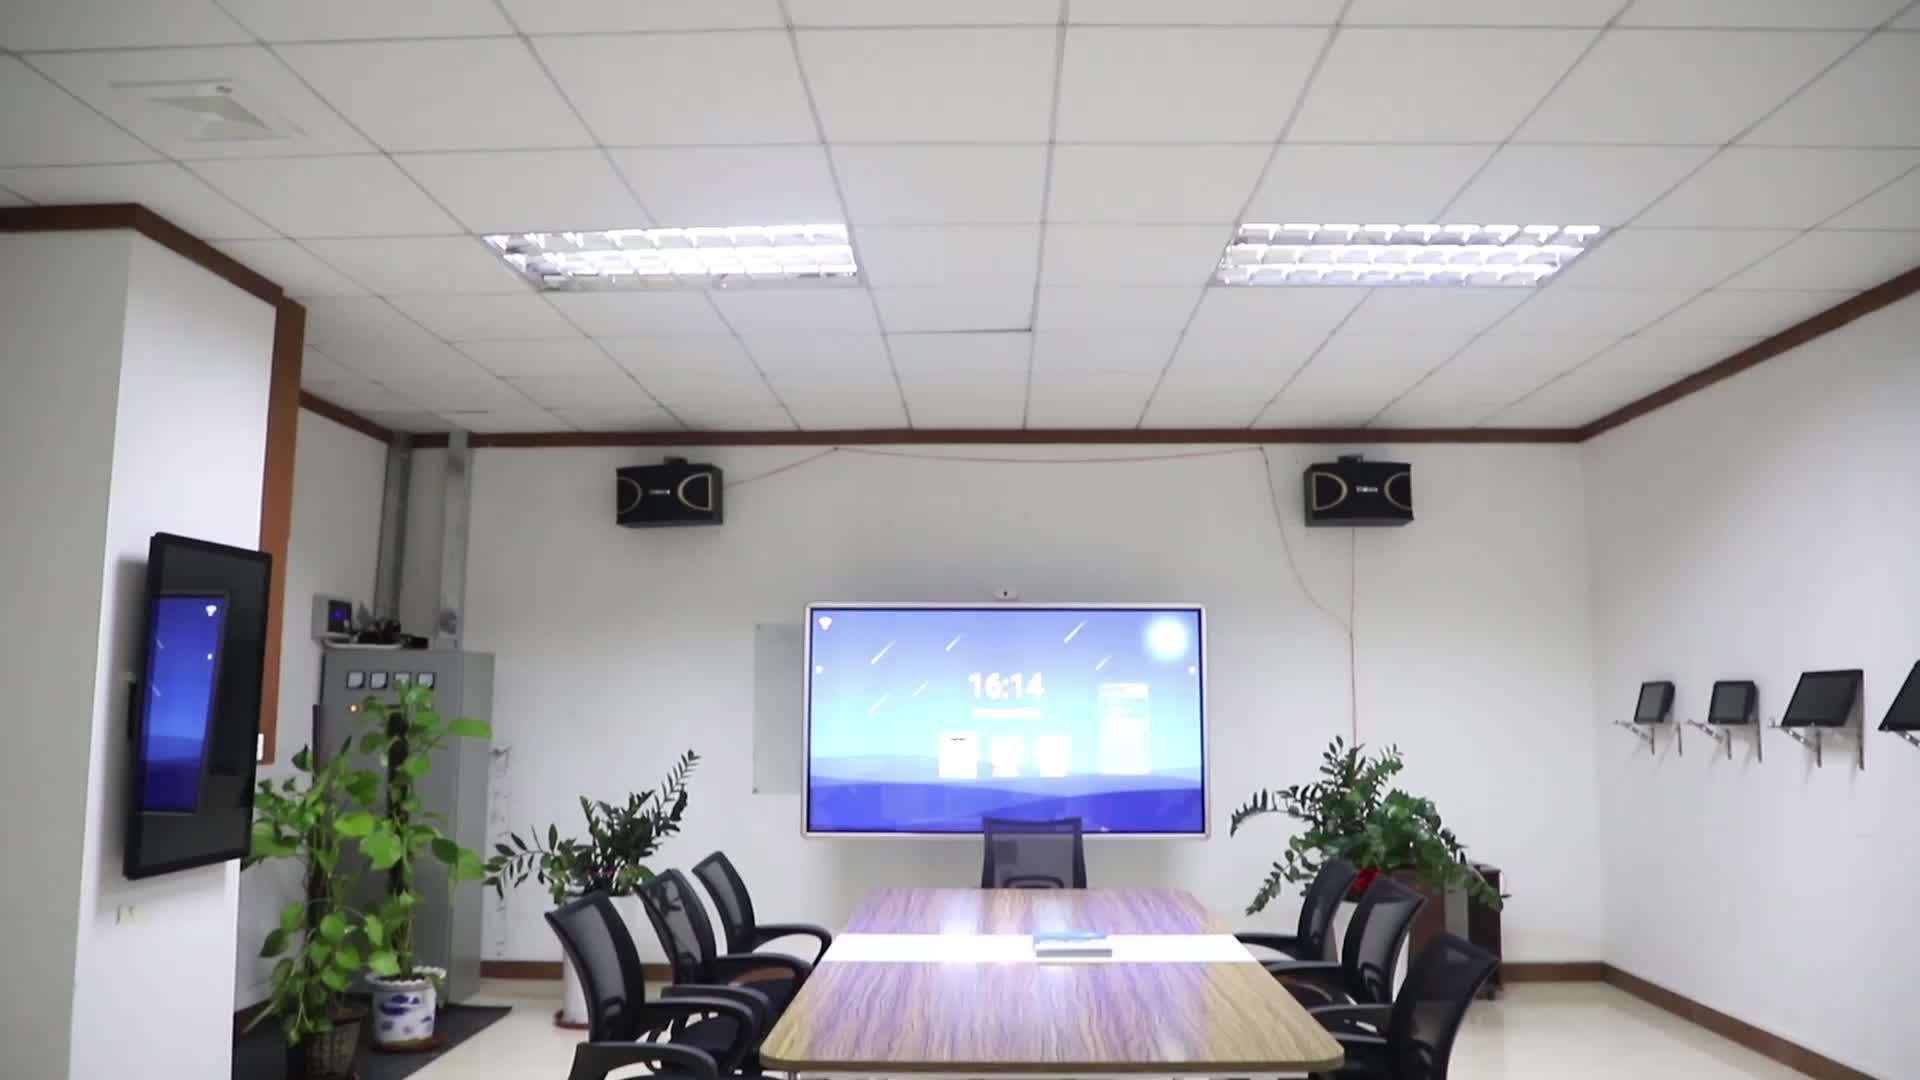 Écran tactile robuste RS485 RS232 industriel windowsed PANNEAU PC 8 pouces